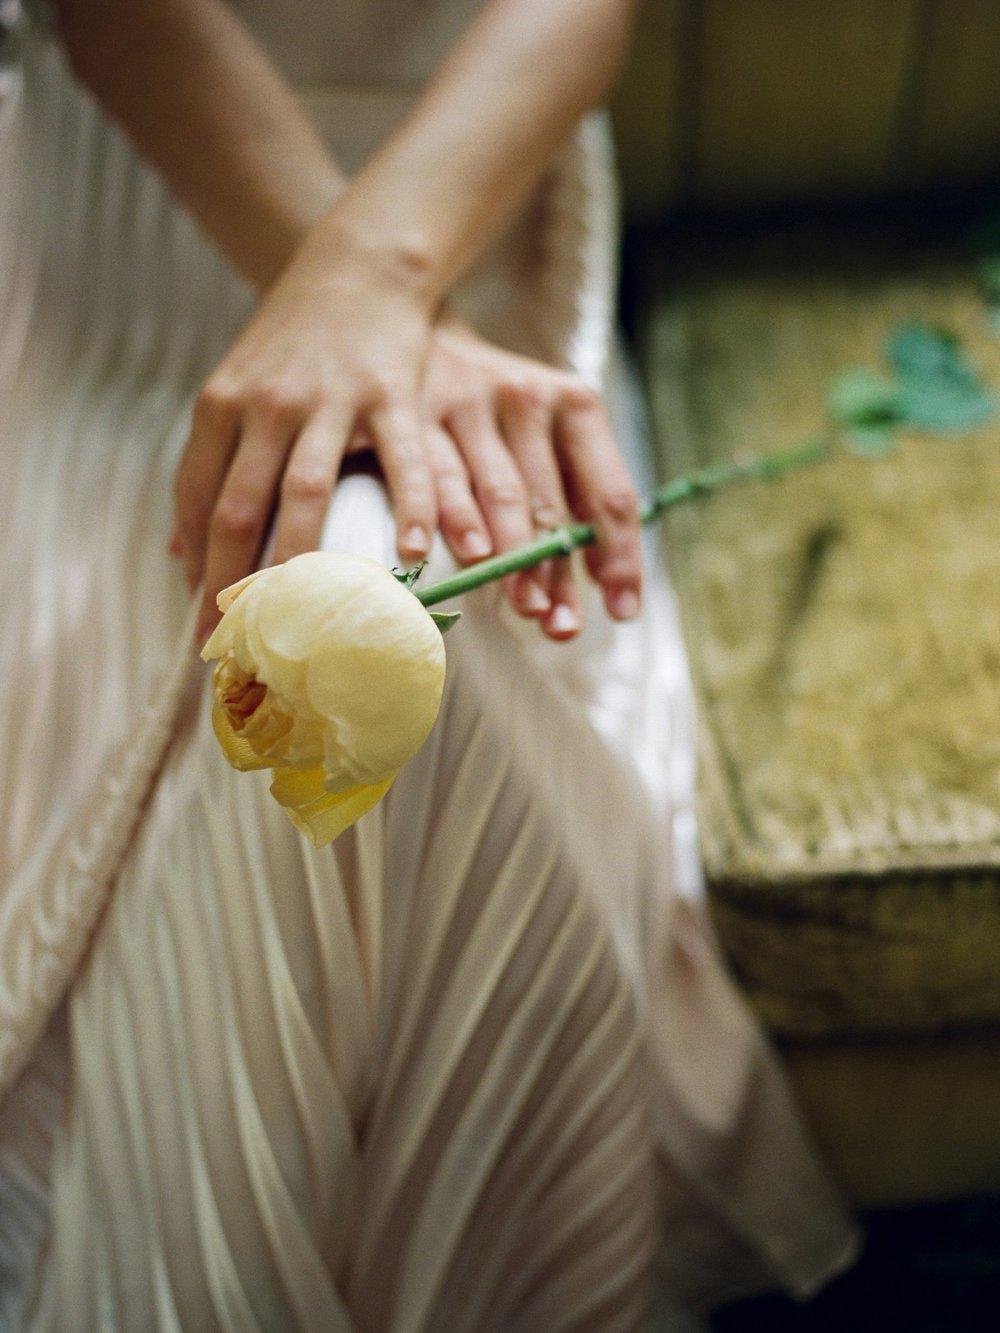 west palm beach boudoir photographer shannon griffin photography_0008.jpg